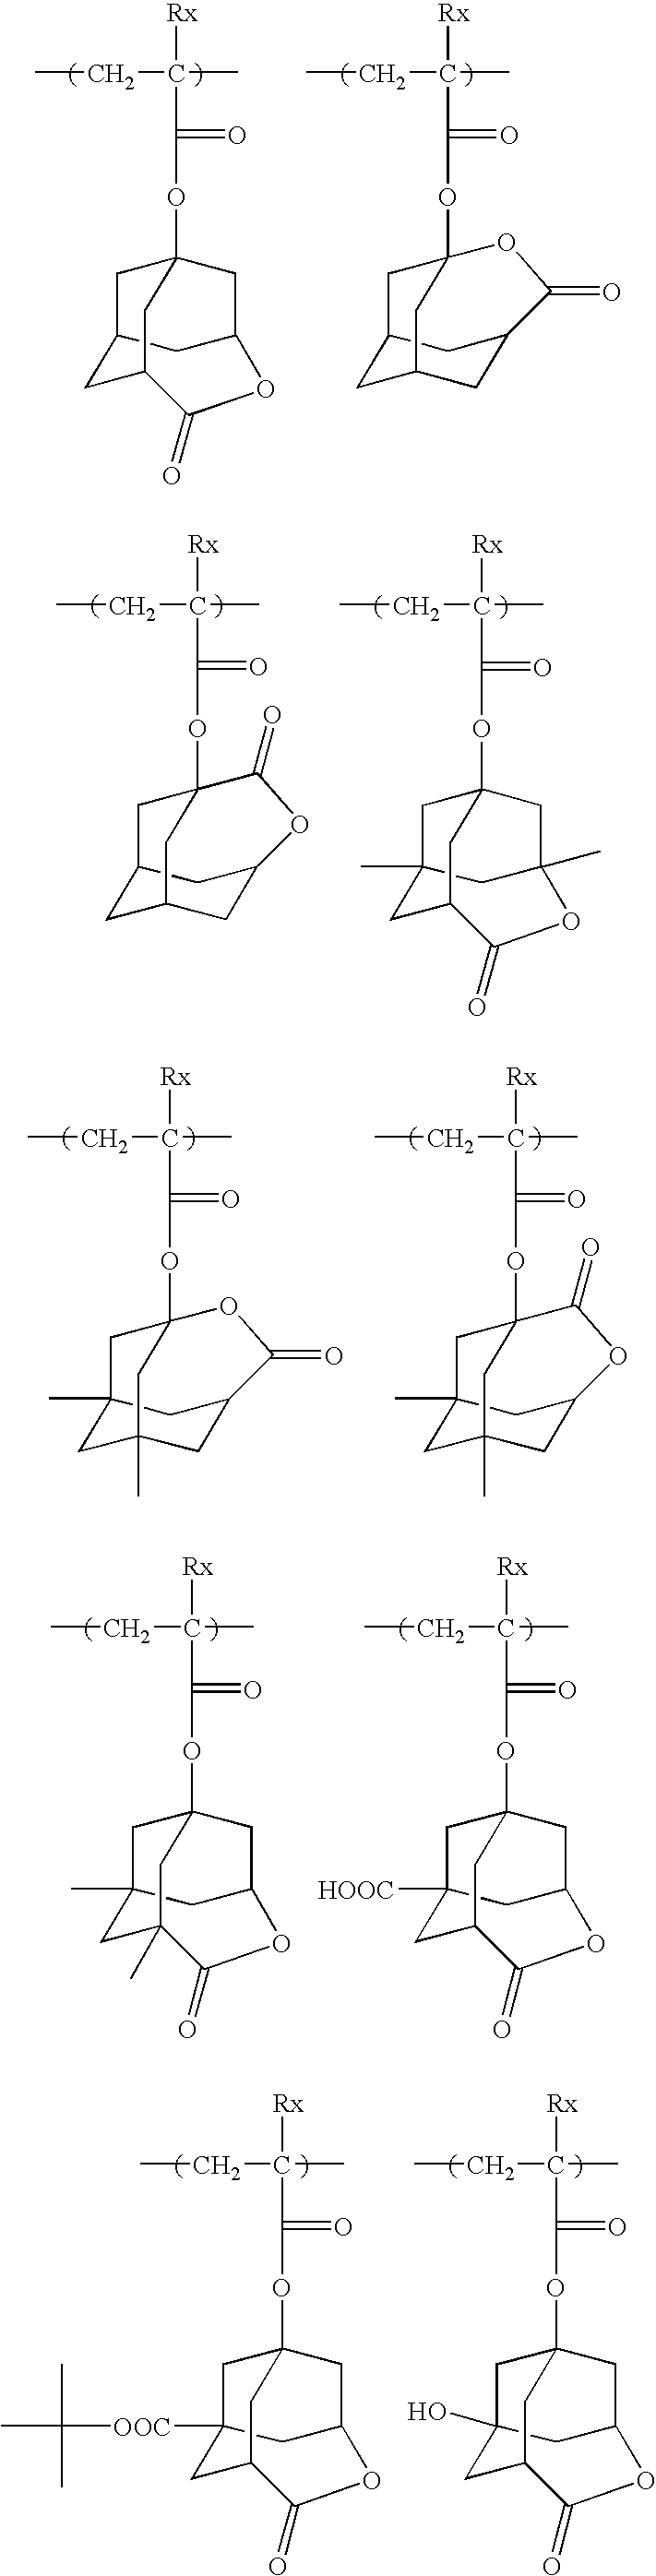 Figure US07960087-20110614-C00030